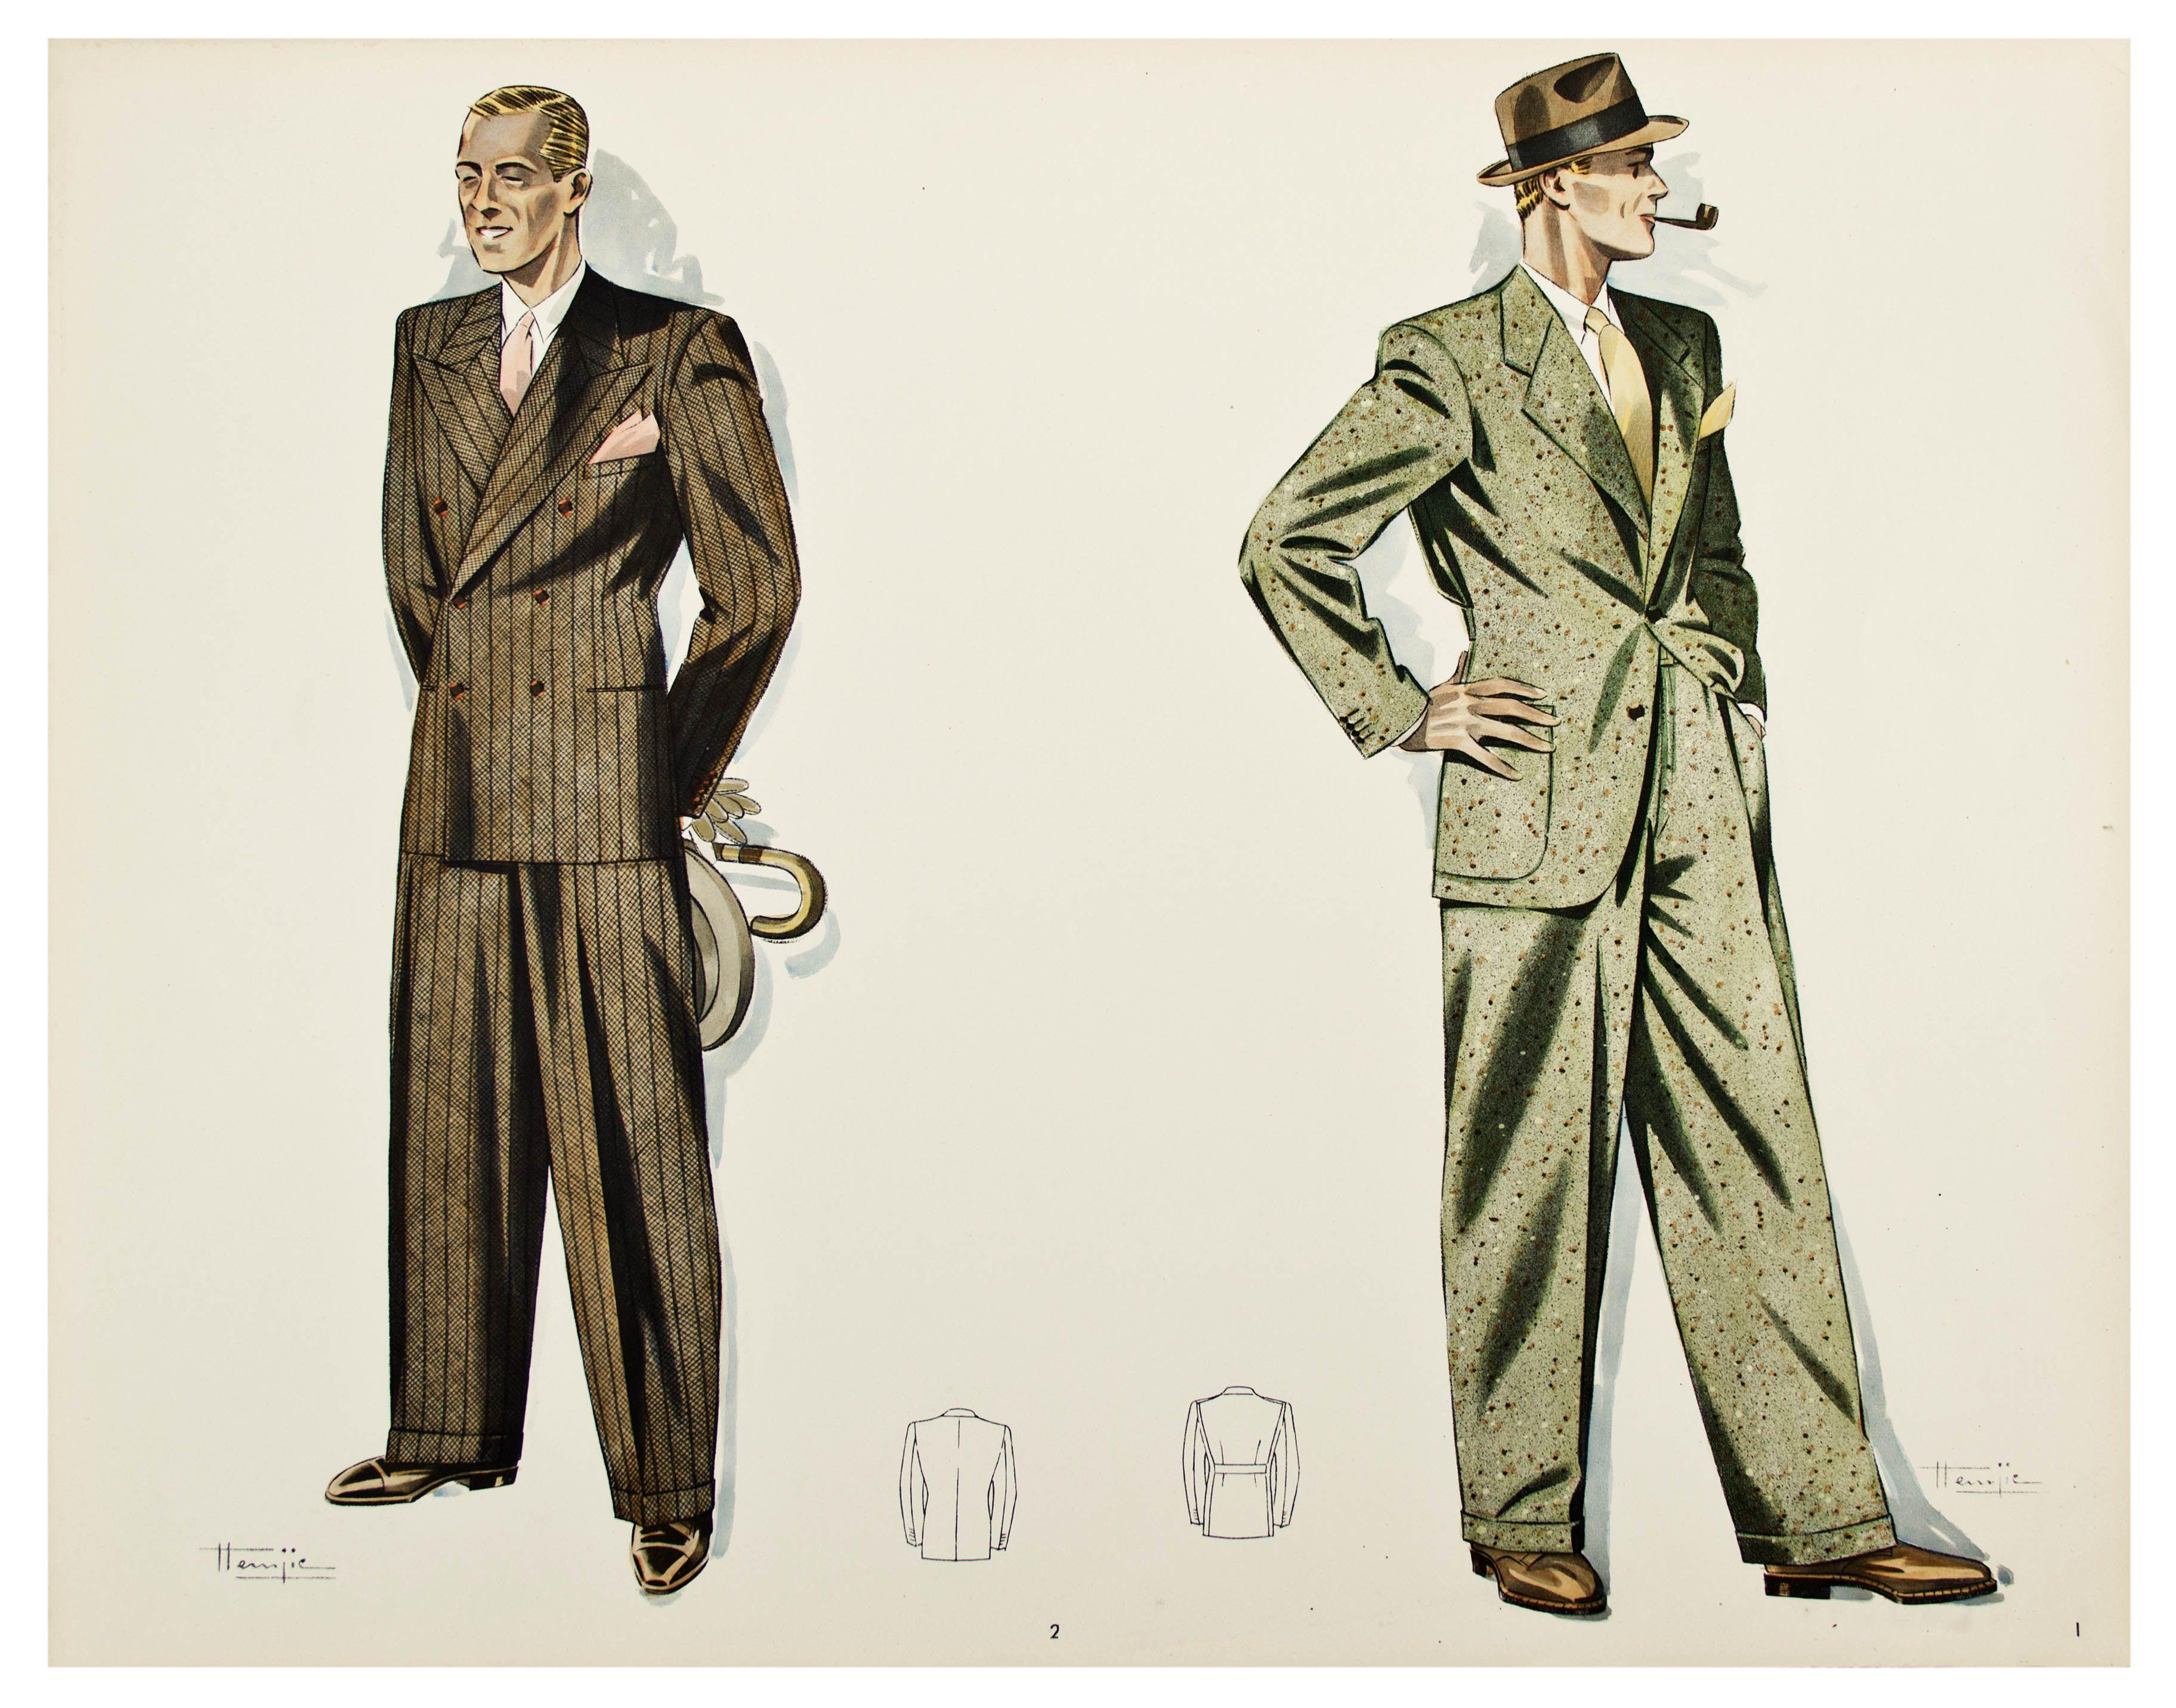 1944 mens fashion - Google Search | Seen Change ...